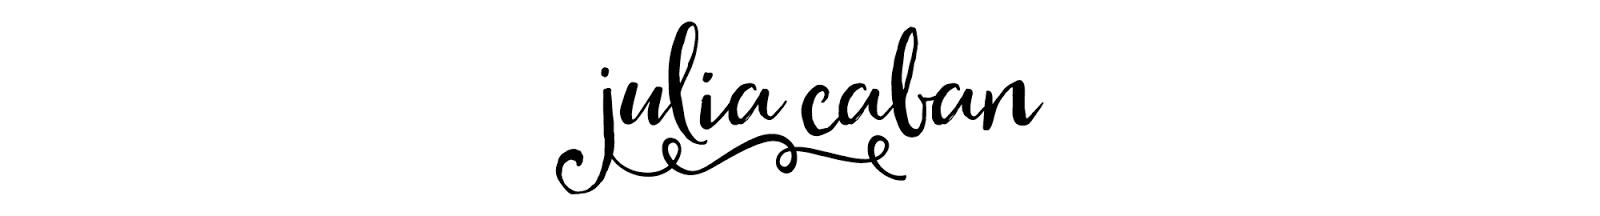 Julia Caban Blog | Zdrowy Styl Życia